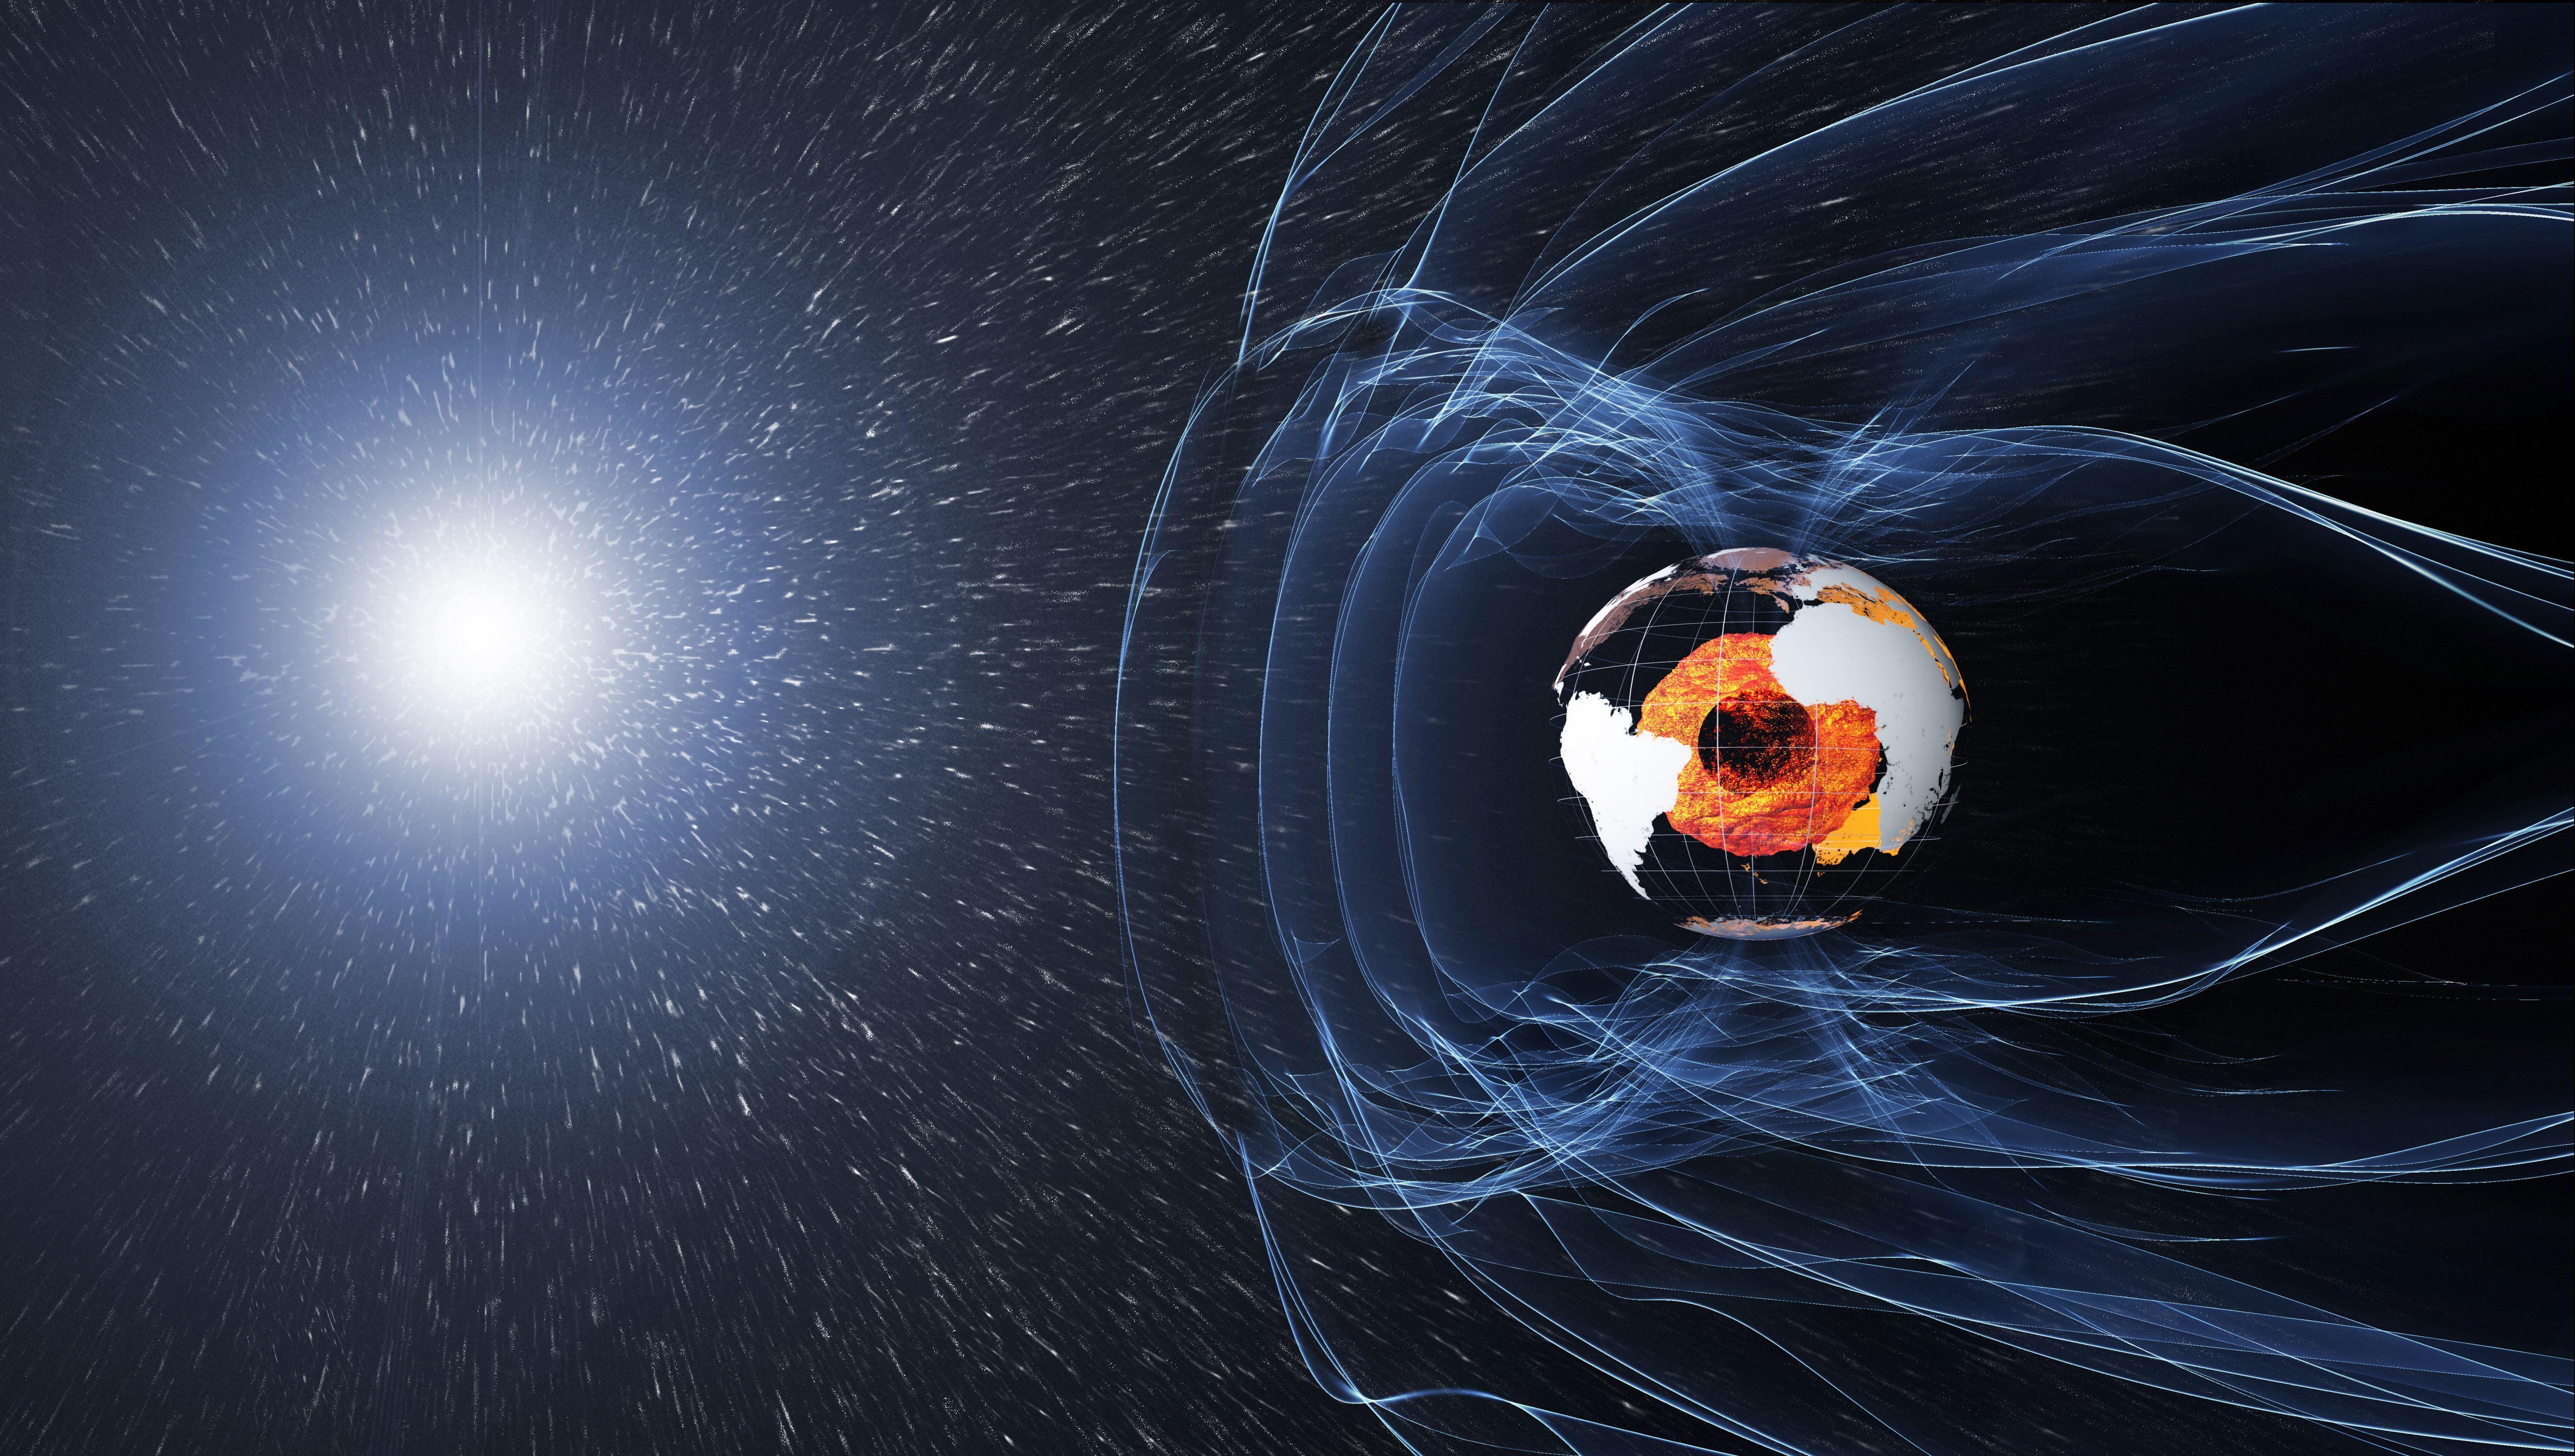 Южно-Атлантическая магнитная аномалия: ослабление магнитного поля Земли пока мешает спутникам, но может предвещать будущий переворот полюсов